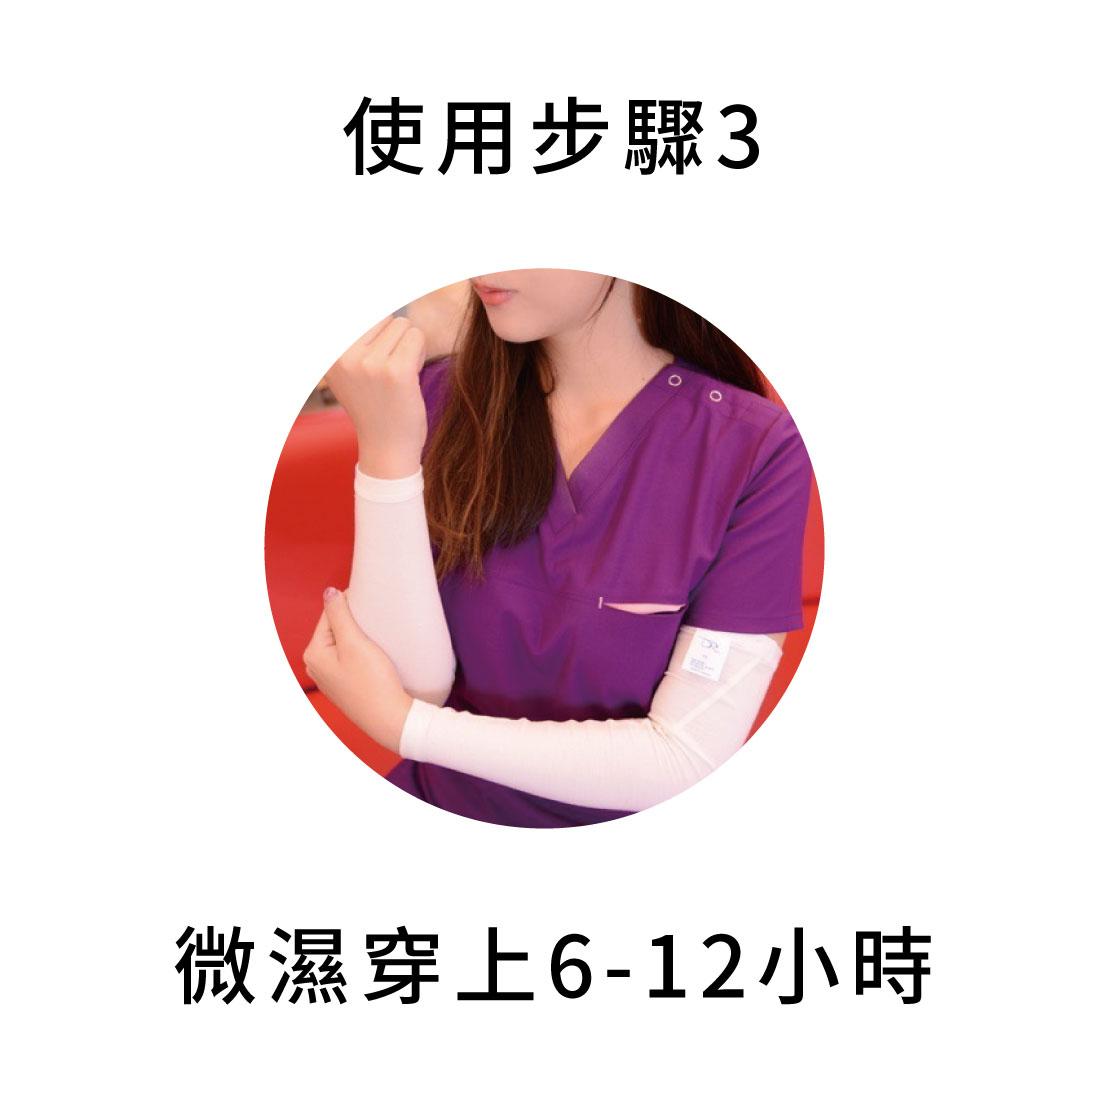 DRX達特仕的異位性皮膚炎治療專用衣服就是愛膚膠源機能衣,有孩童專用的保濕褲,異位性皮膚炎要做好保濕就可以有效控制症狀,愛膚膠源機能衣能妥善照顧您的異位性皮膚炎。